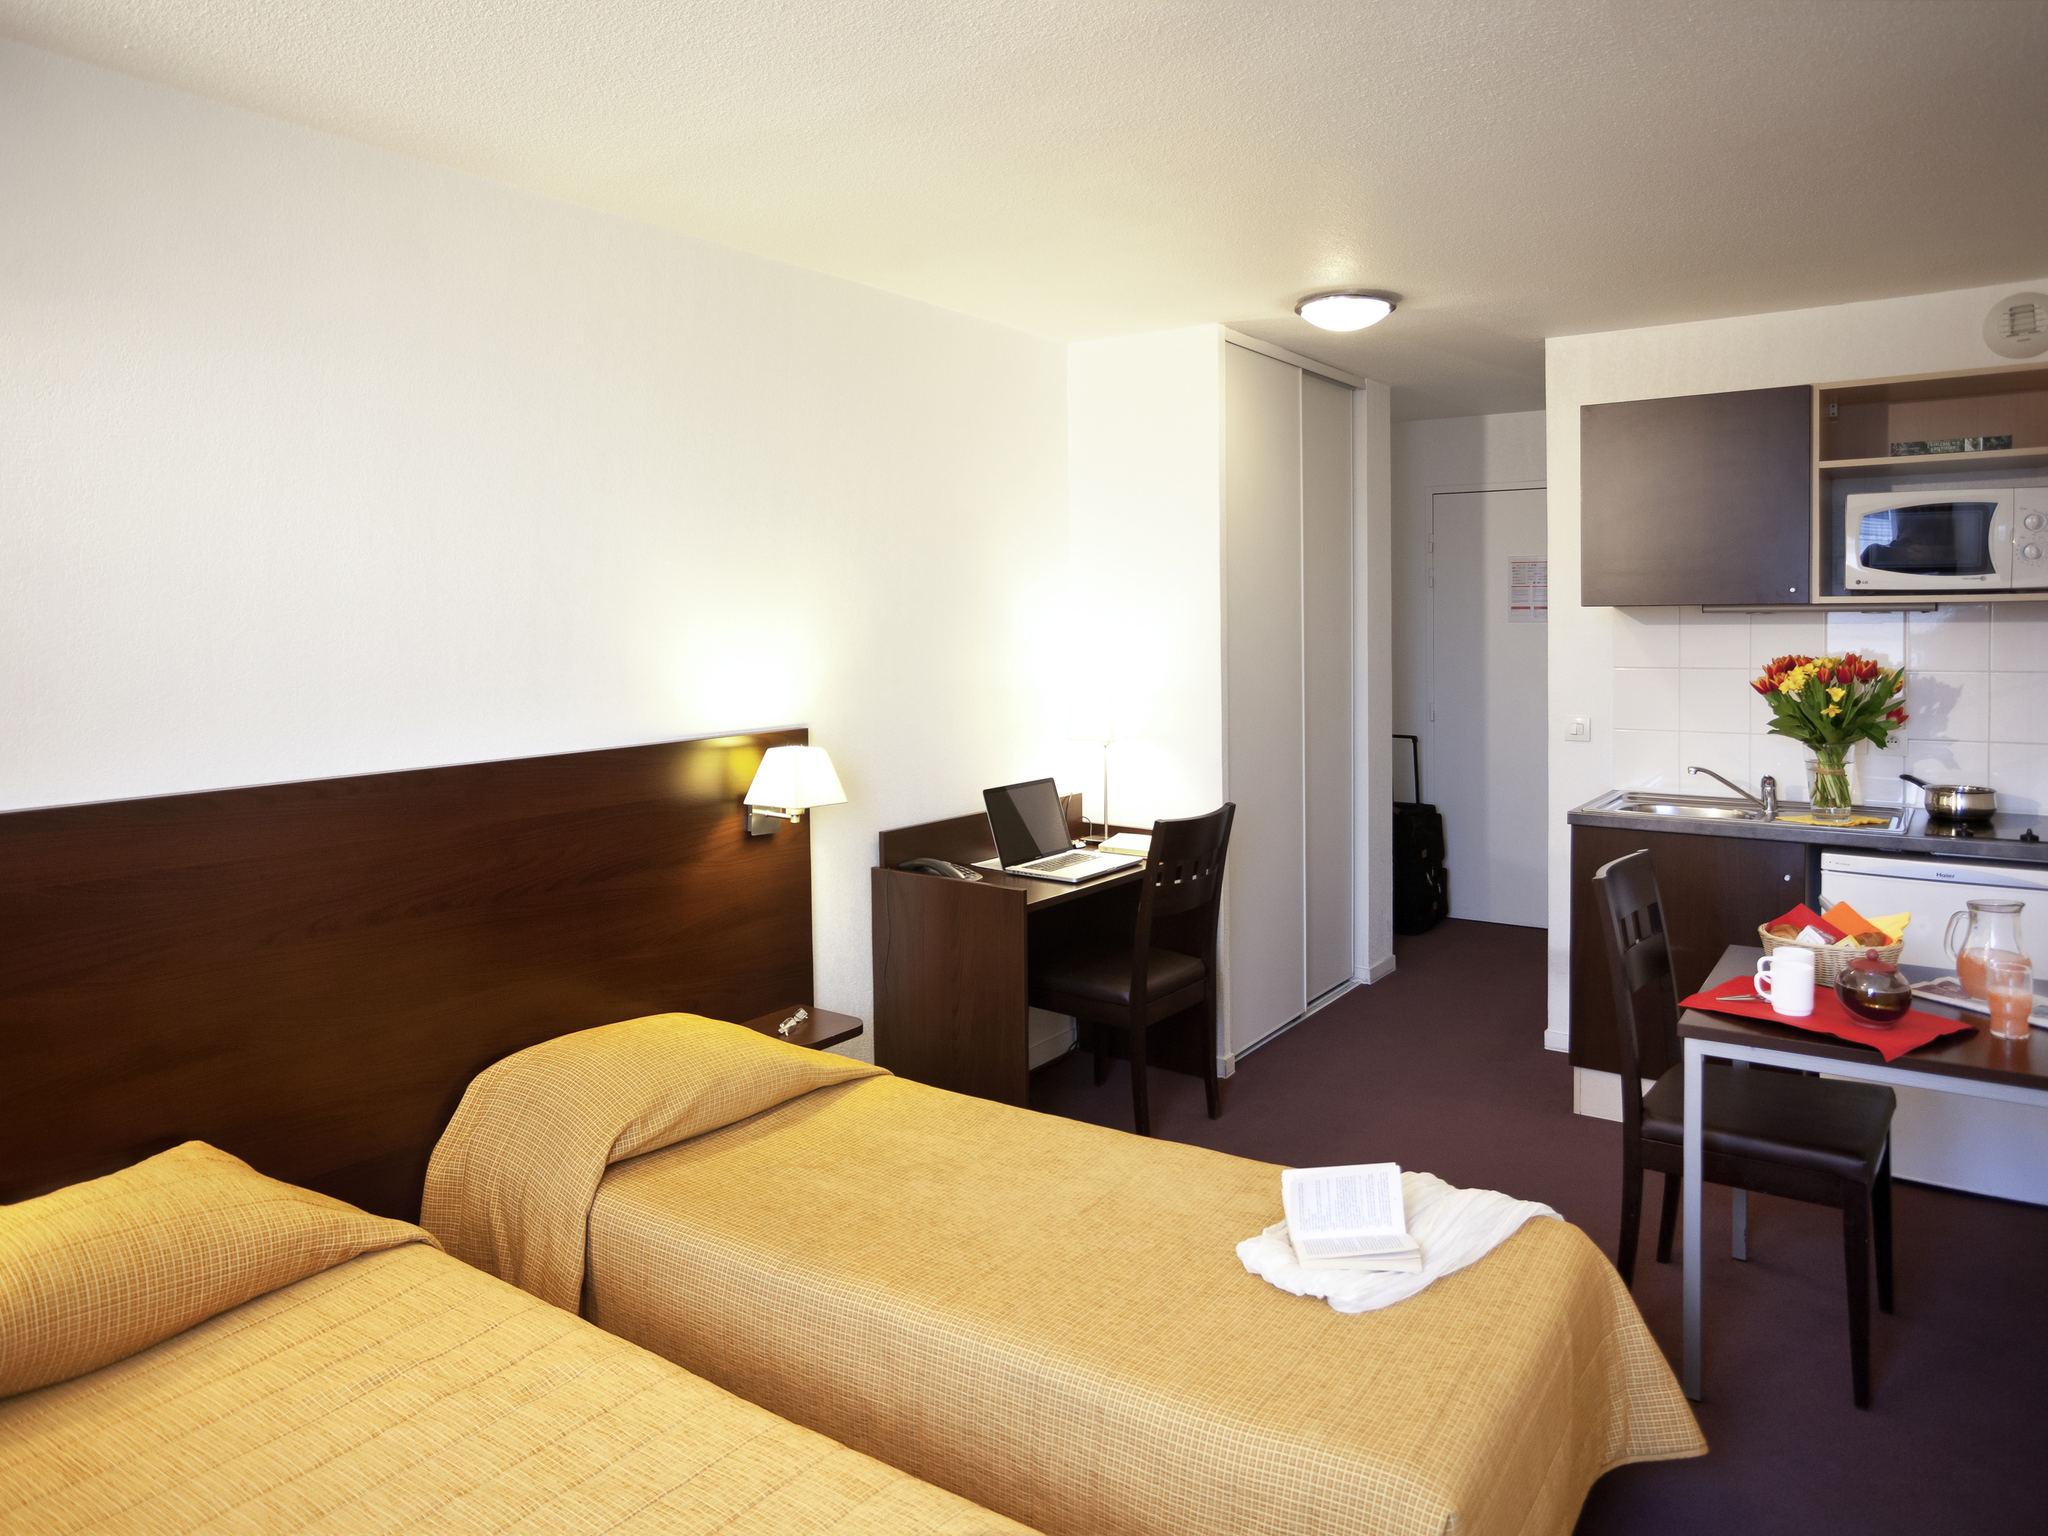 فندق - Aparthotel Adagio Access باريس سان دوني بلاييل سيتيا